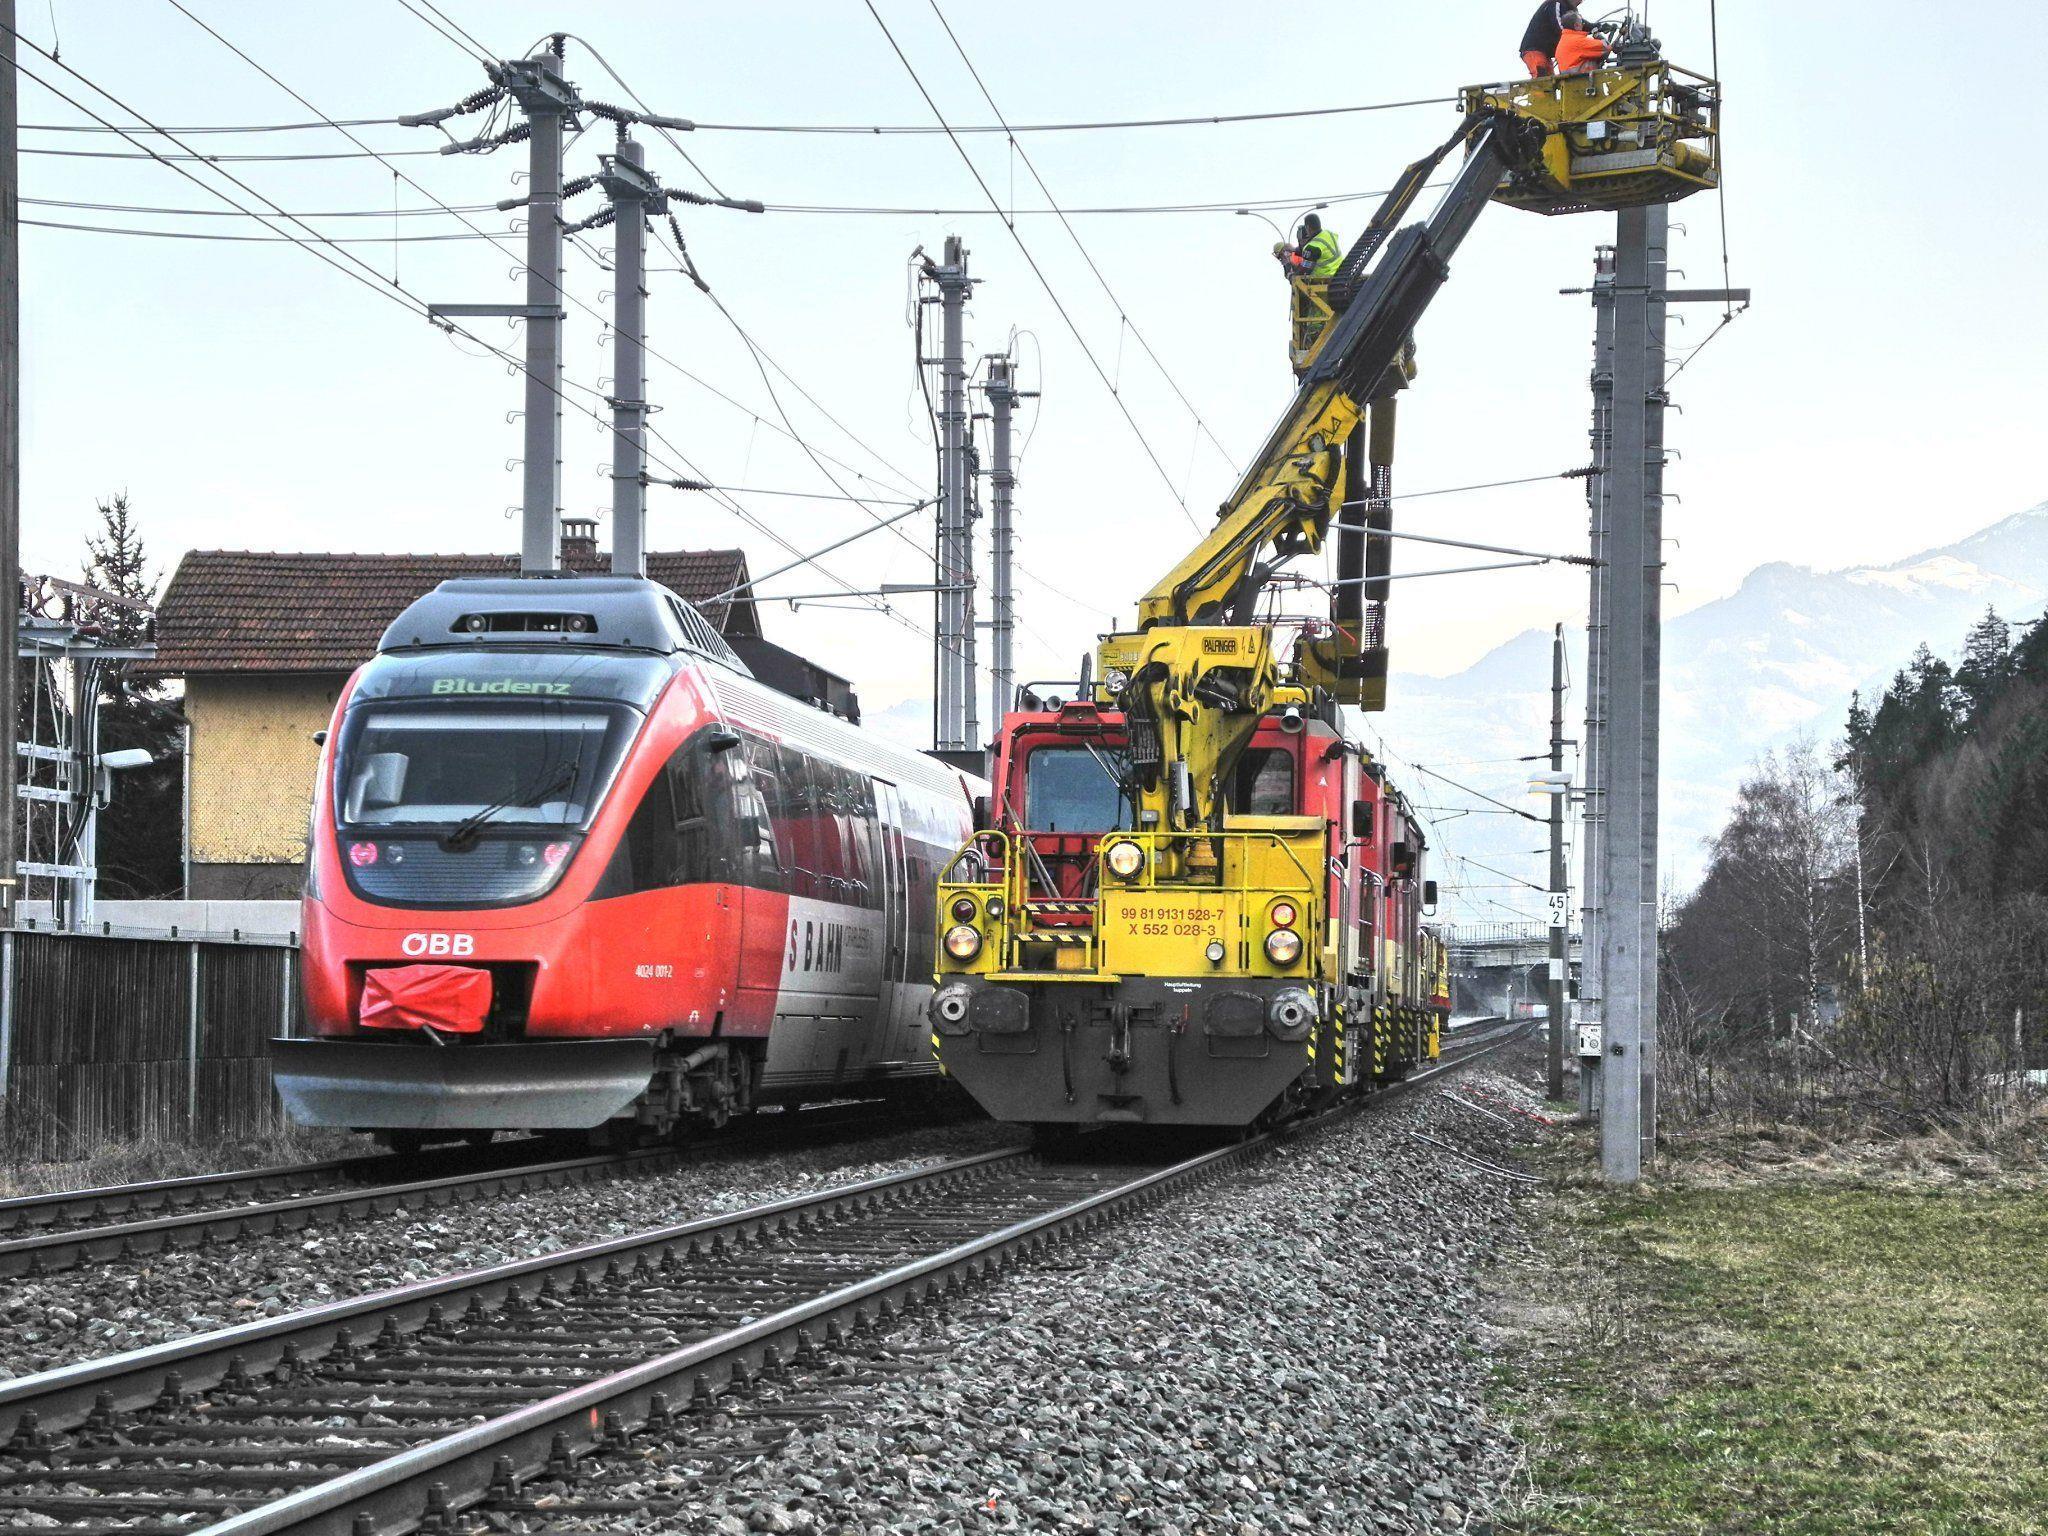 Die letzten Arbeiten zum Anschluß der Oberleitung mit dem ÖBB-Unterwerk in Altenstadt